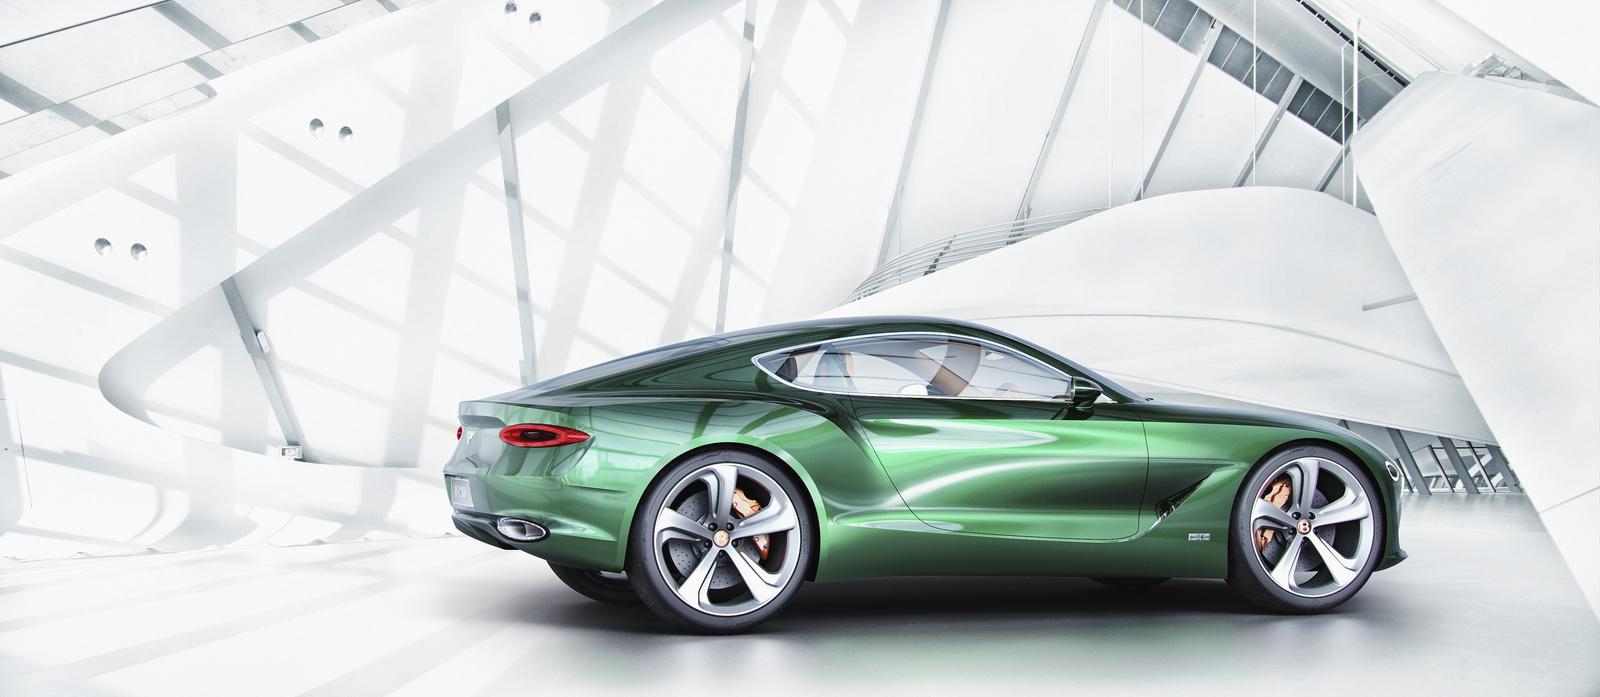 Những dòng xe trẻ trung và sang trọng là tương lai của Bentley?